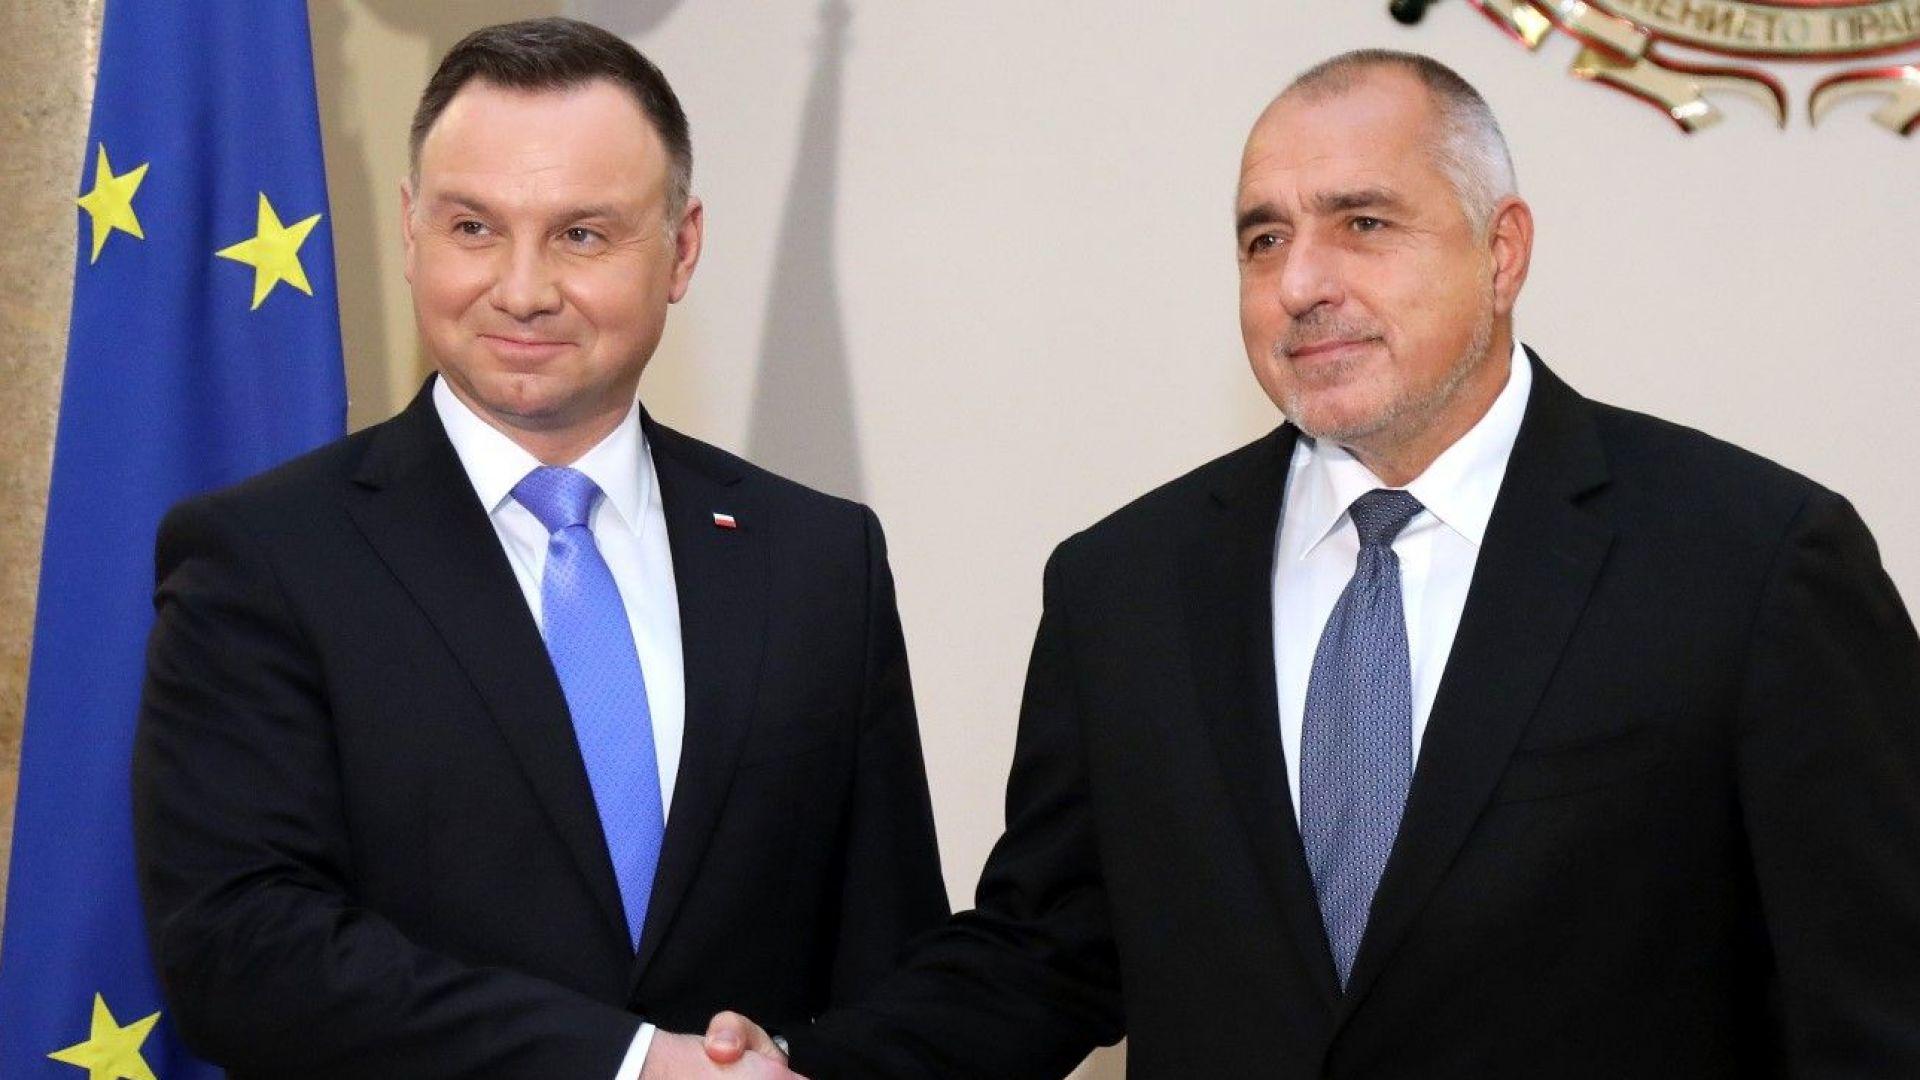 Борисов и Дуда коментираха напрежението между Украйна и Русия